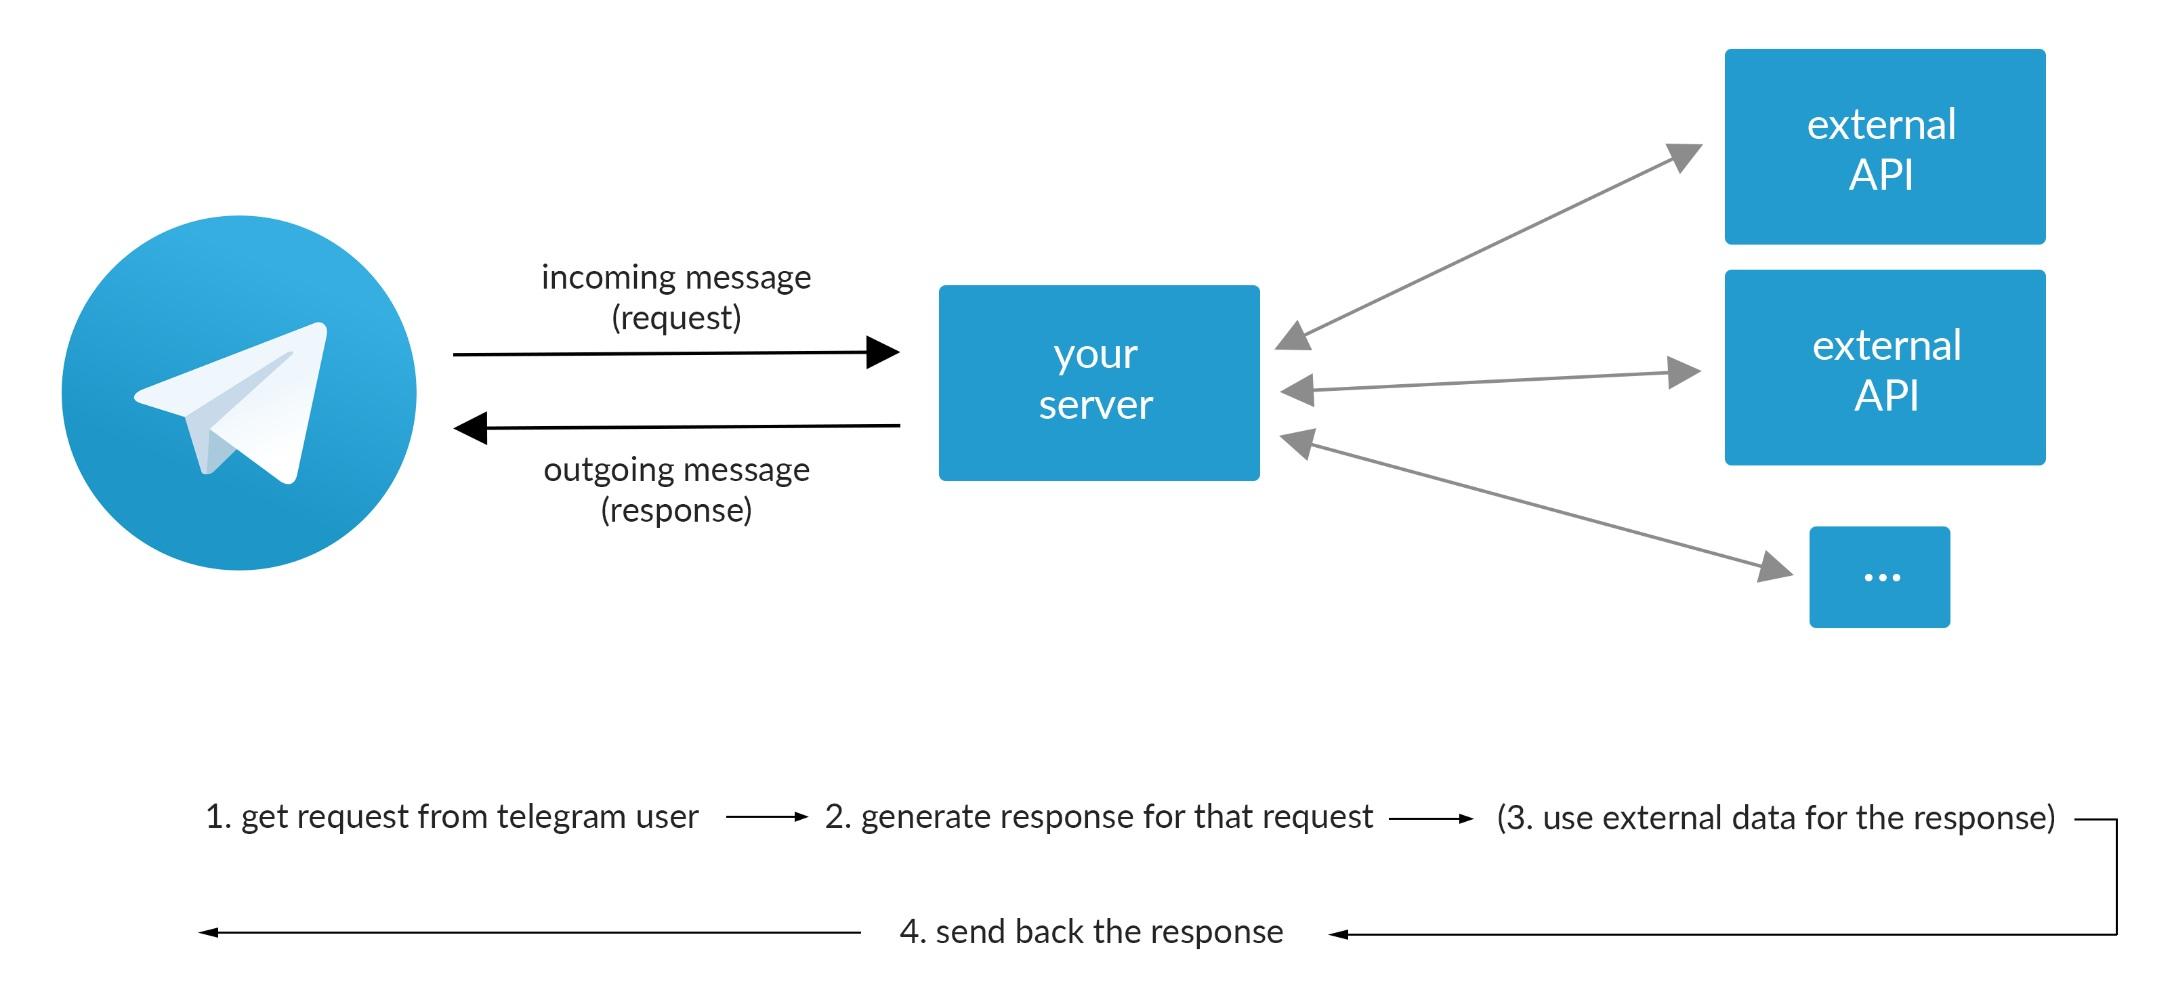 یک میلیون دلار پاداش برای توسعه دهندگان چتباتهای تلگرام